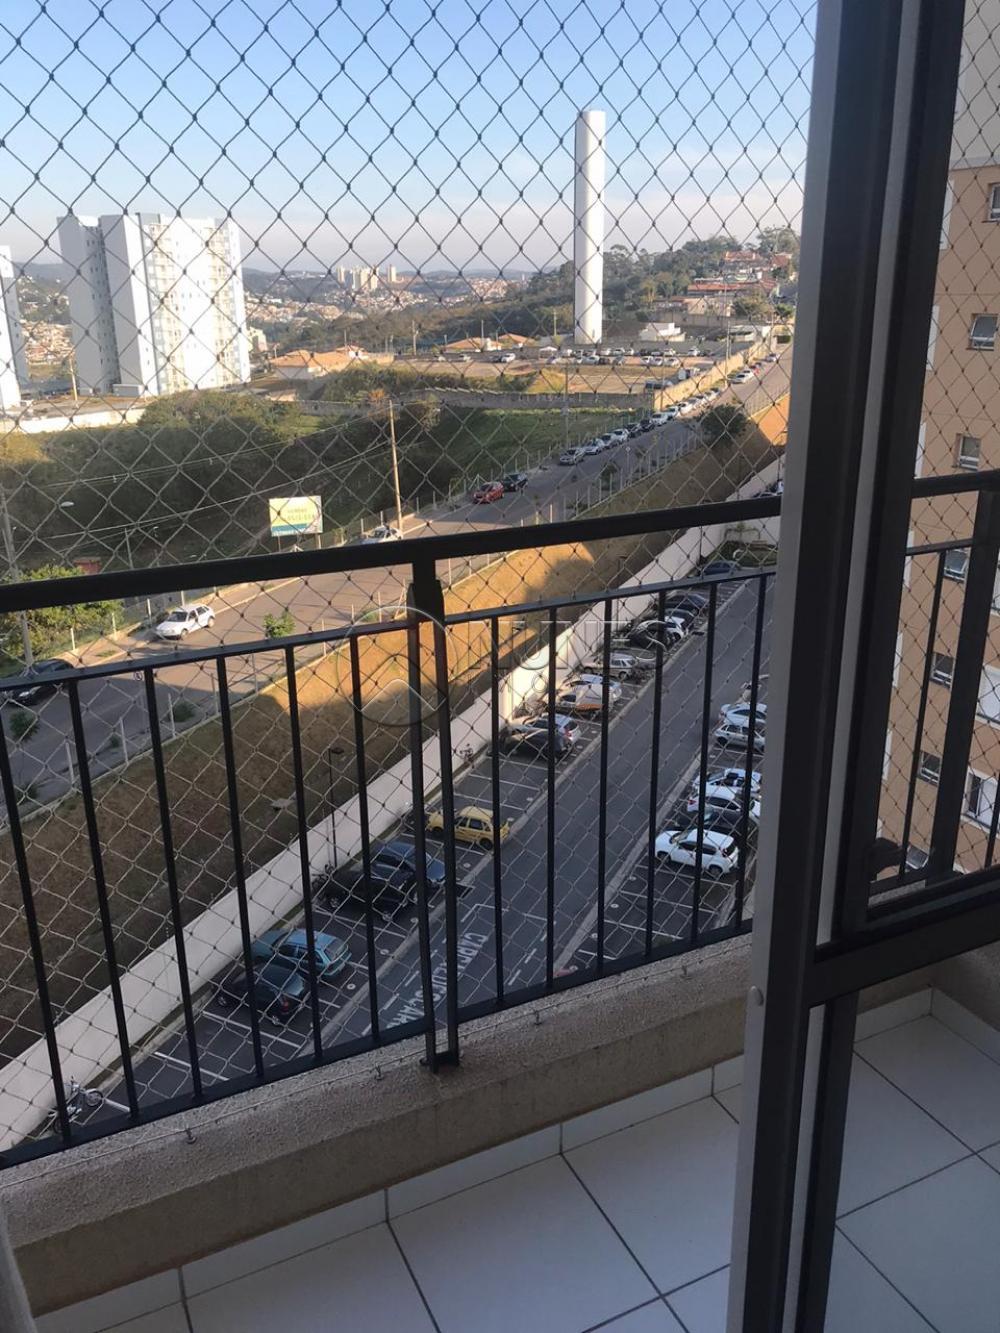 Comprar Apartamento / Padrão em Jundiaí apenas R$ 280.000,00 - Foto 10